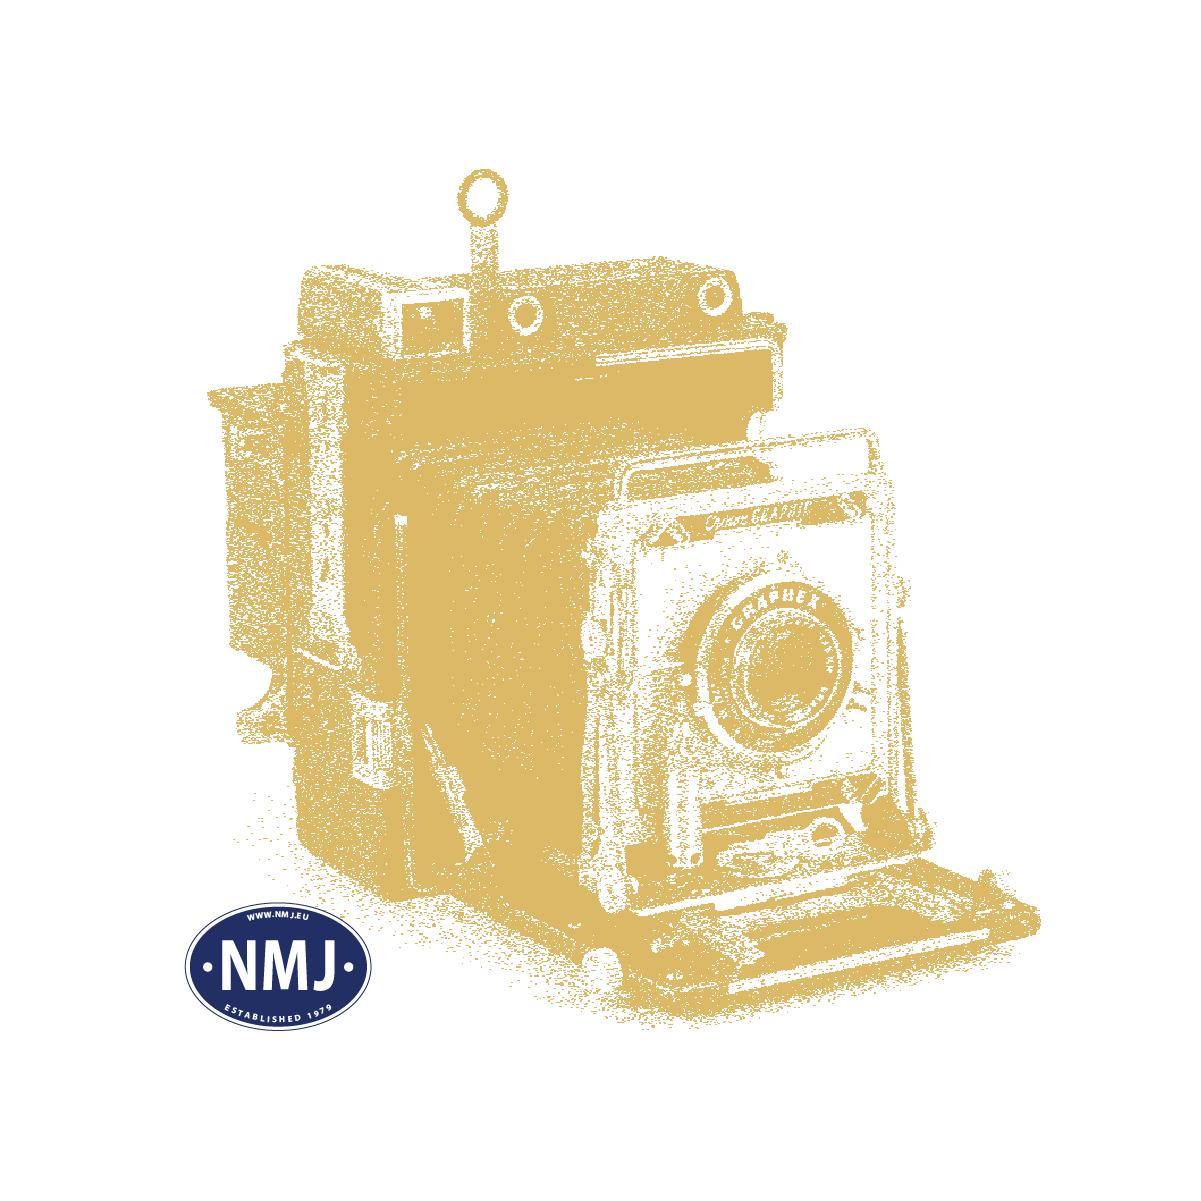 NMJT86.401 - NMJ Togpakke: NSB El11 og 10 godsvogner, 1983 - 2002, DC